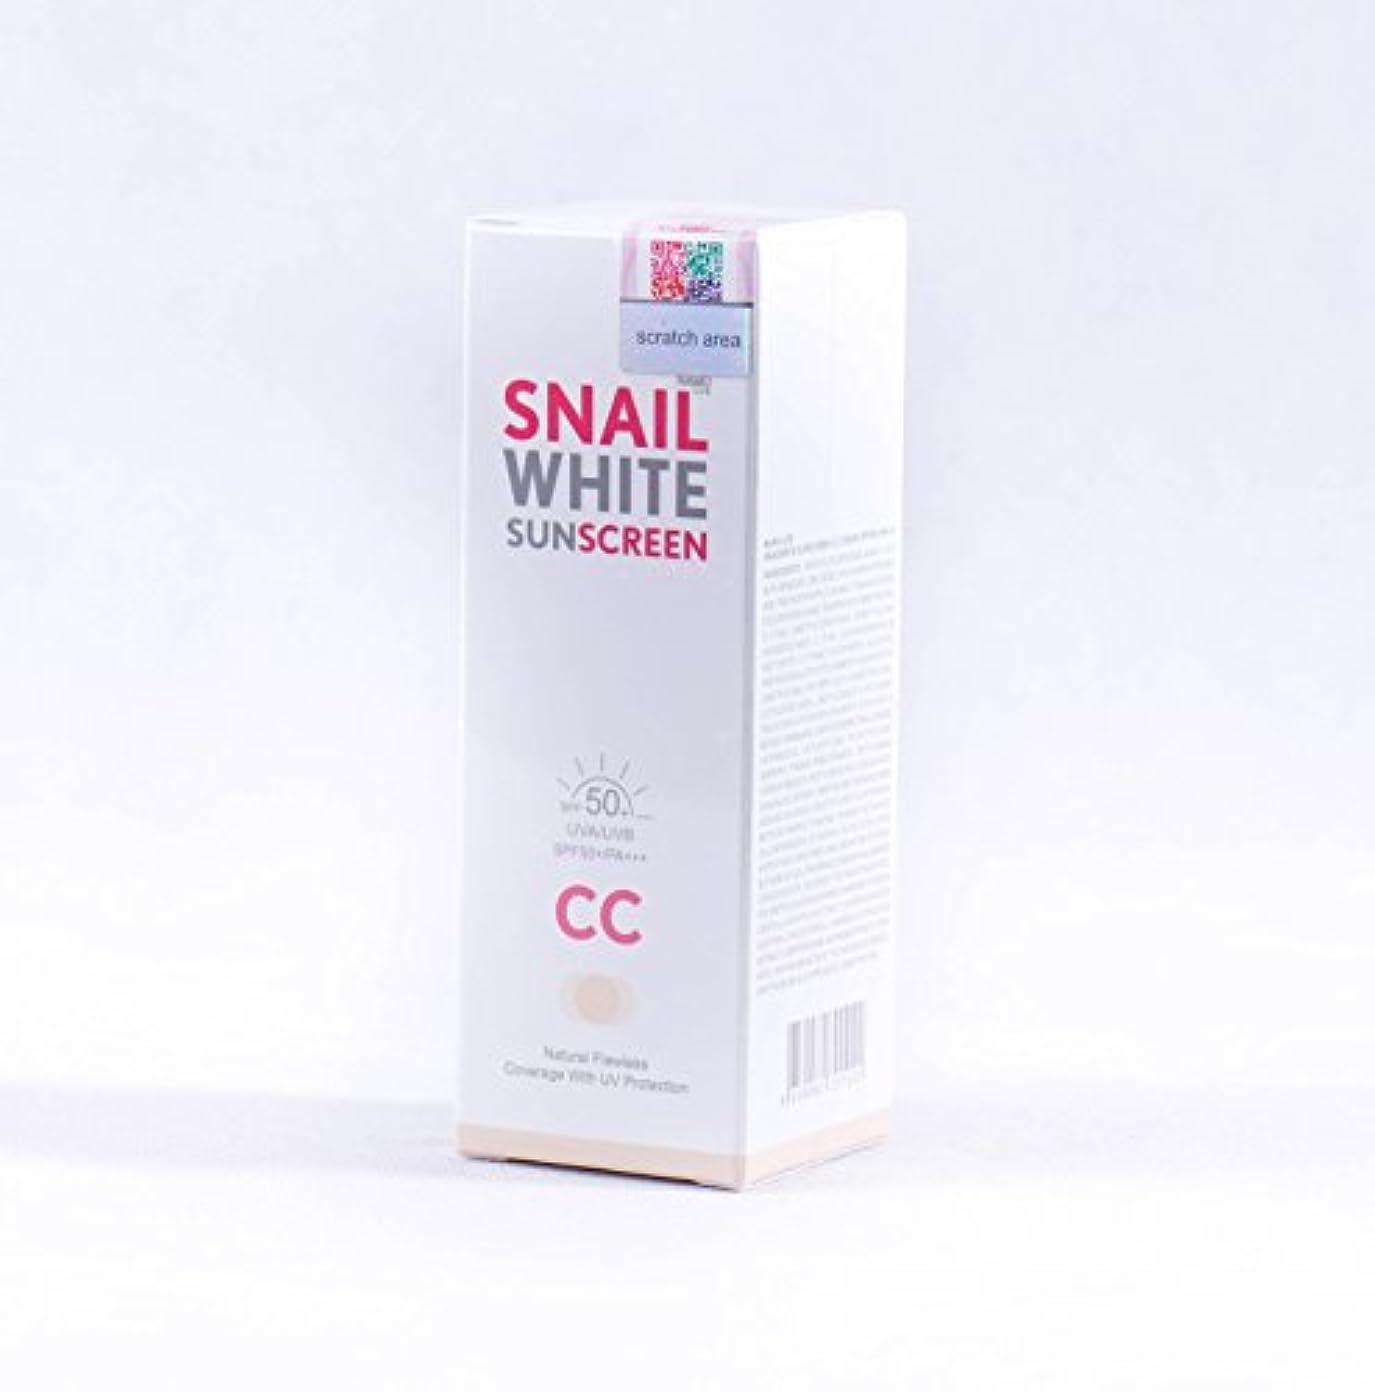 中央値あなたはダウンナムライフスパイシャンサンクスクリームSPF50 + / PA +++ 50 ml ホワイトニング NAMU LIFE SNAILWHITE SUNSCREEN CC CREAM SPF50 + / PA +++ 50 ml